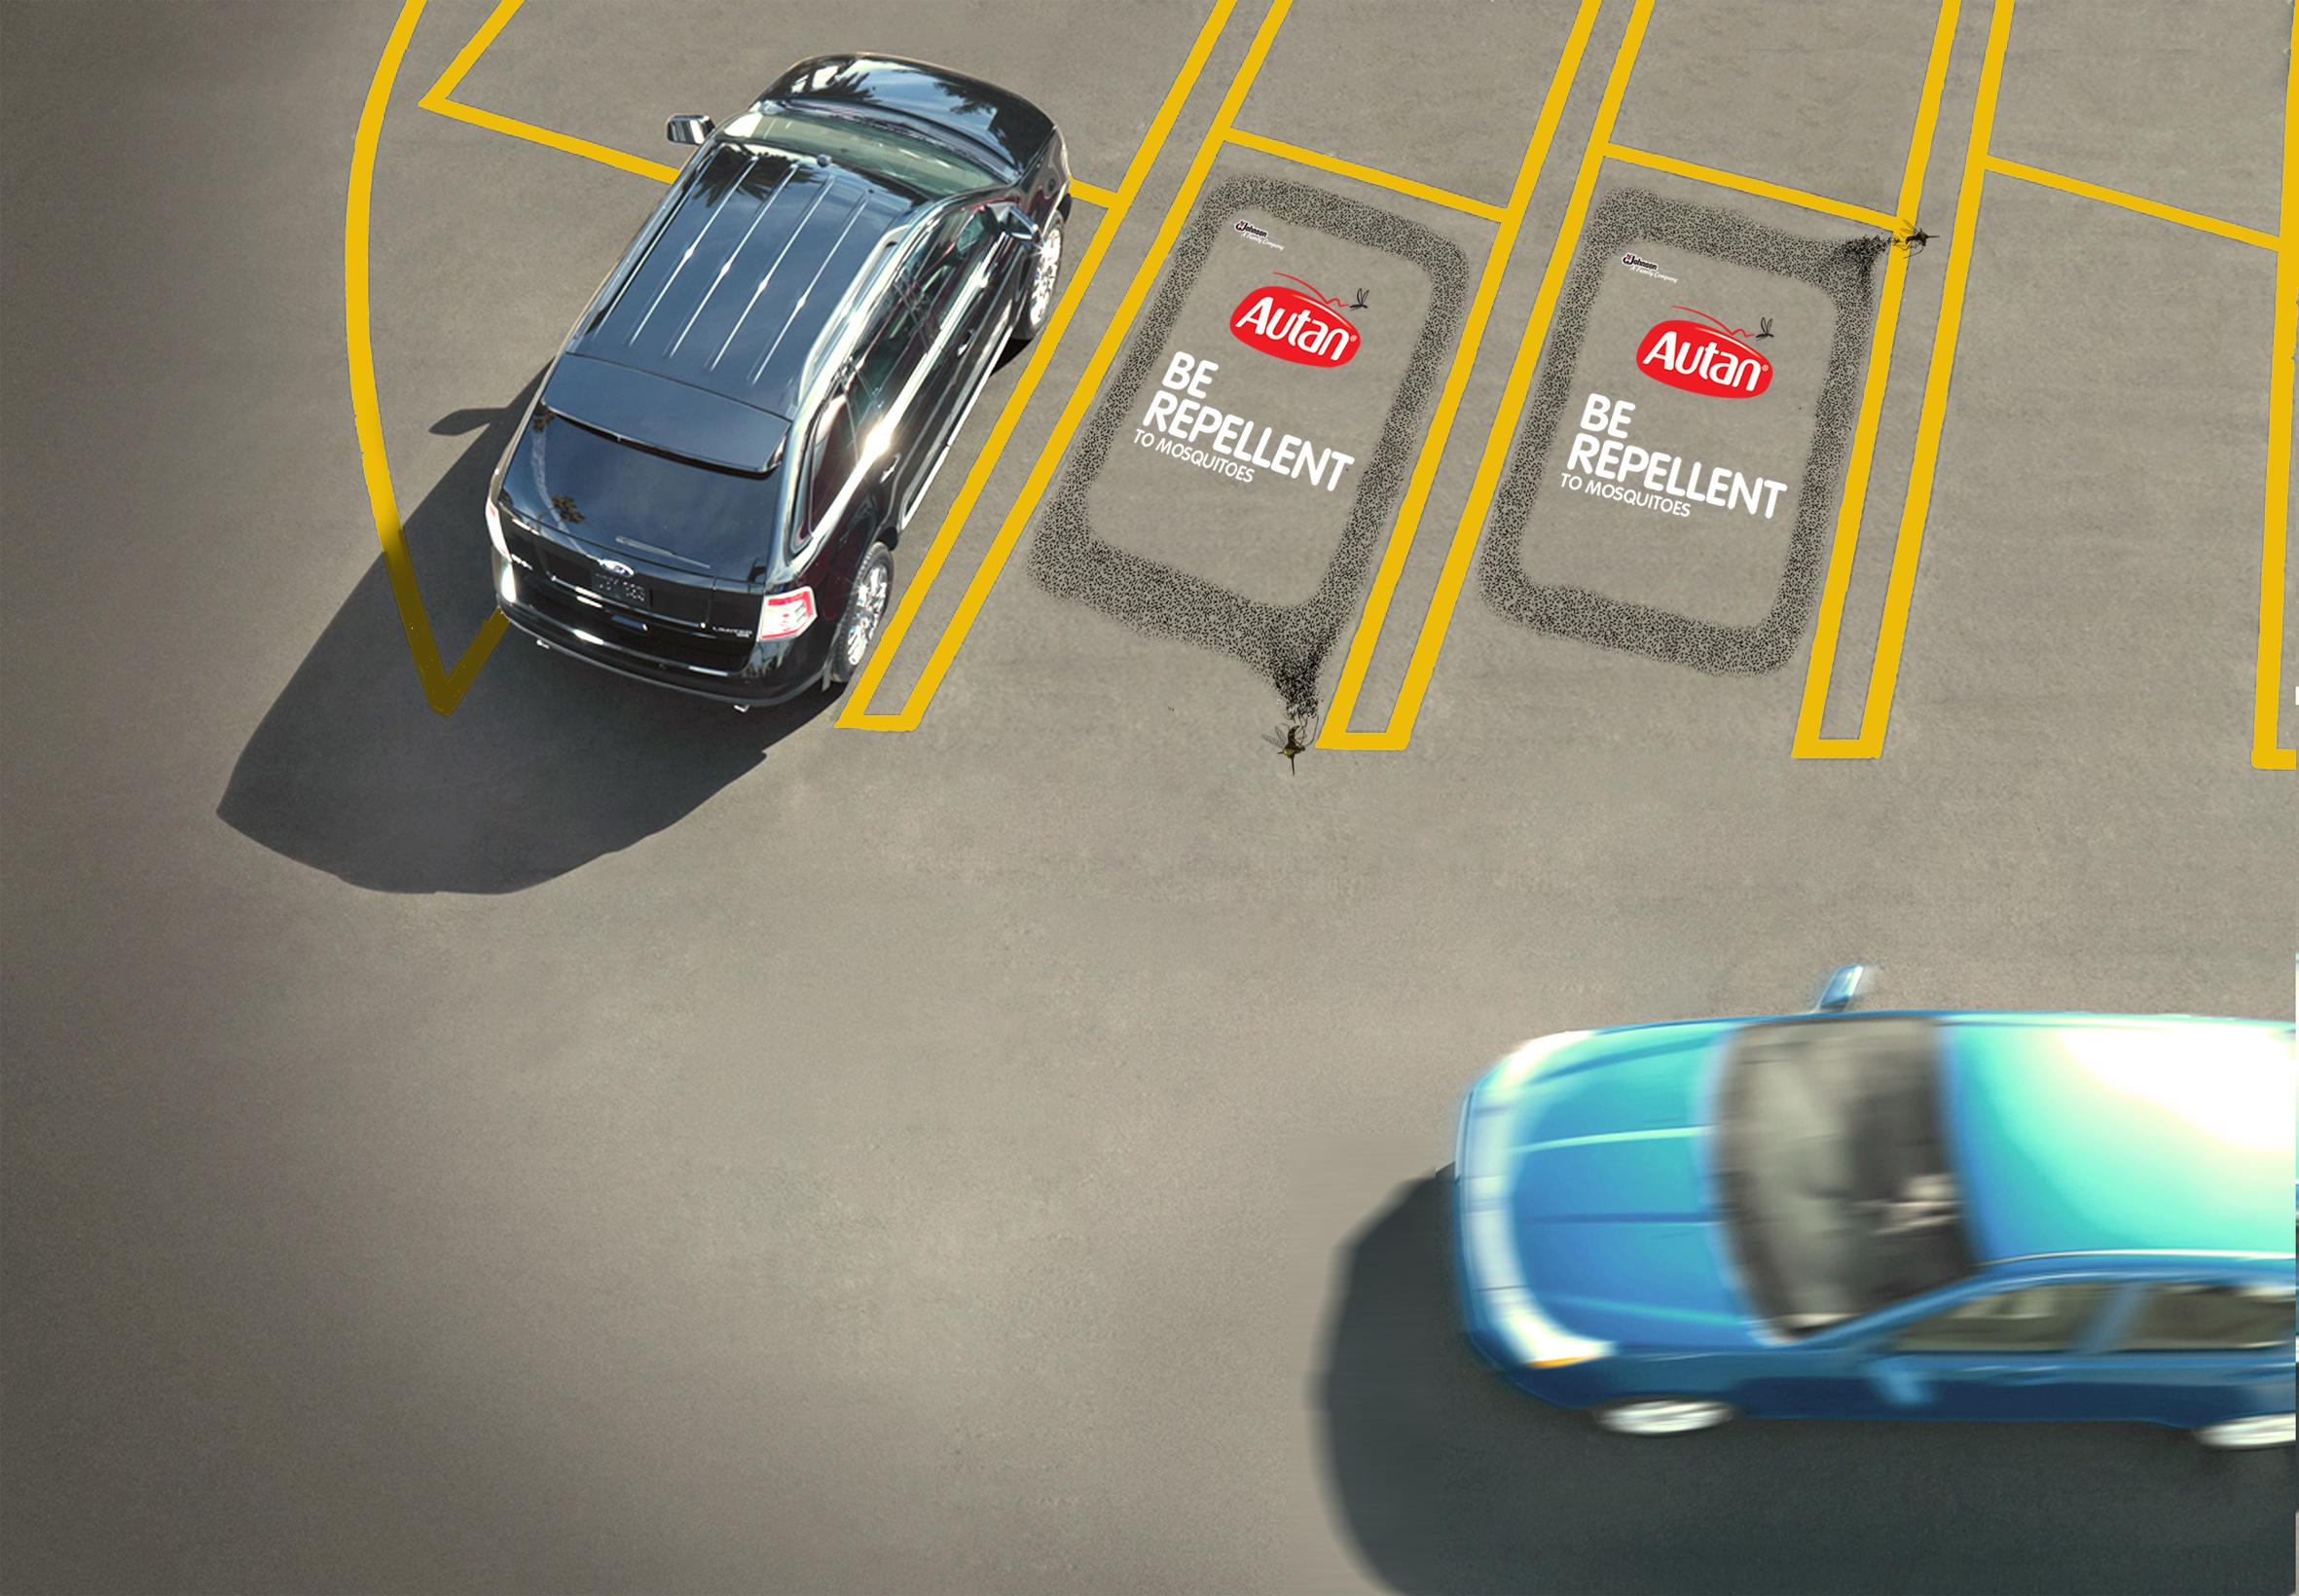 Autan_Store Car Park